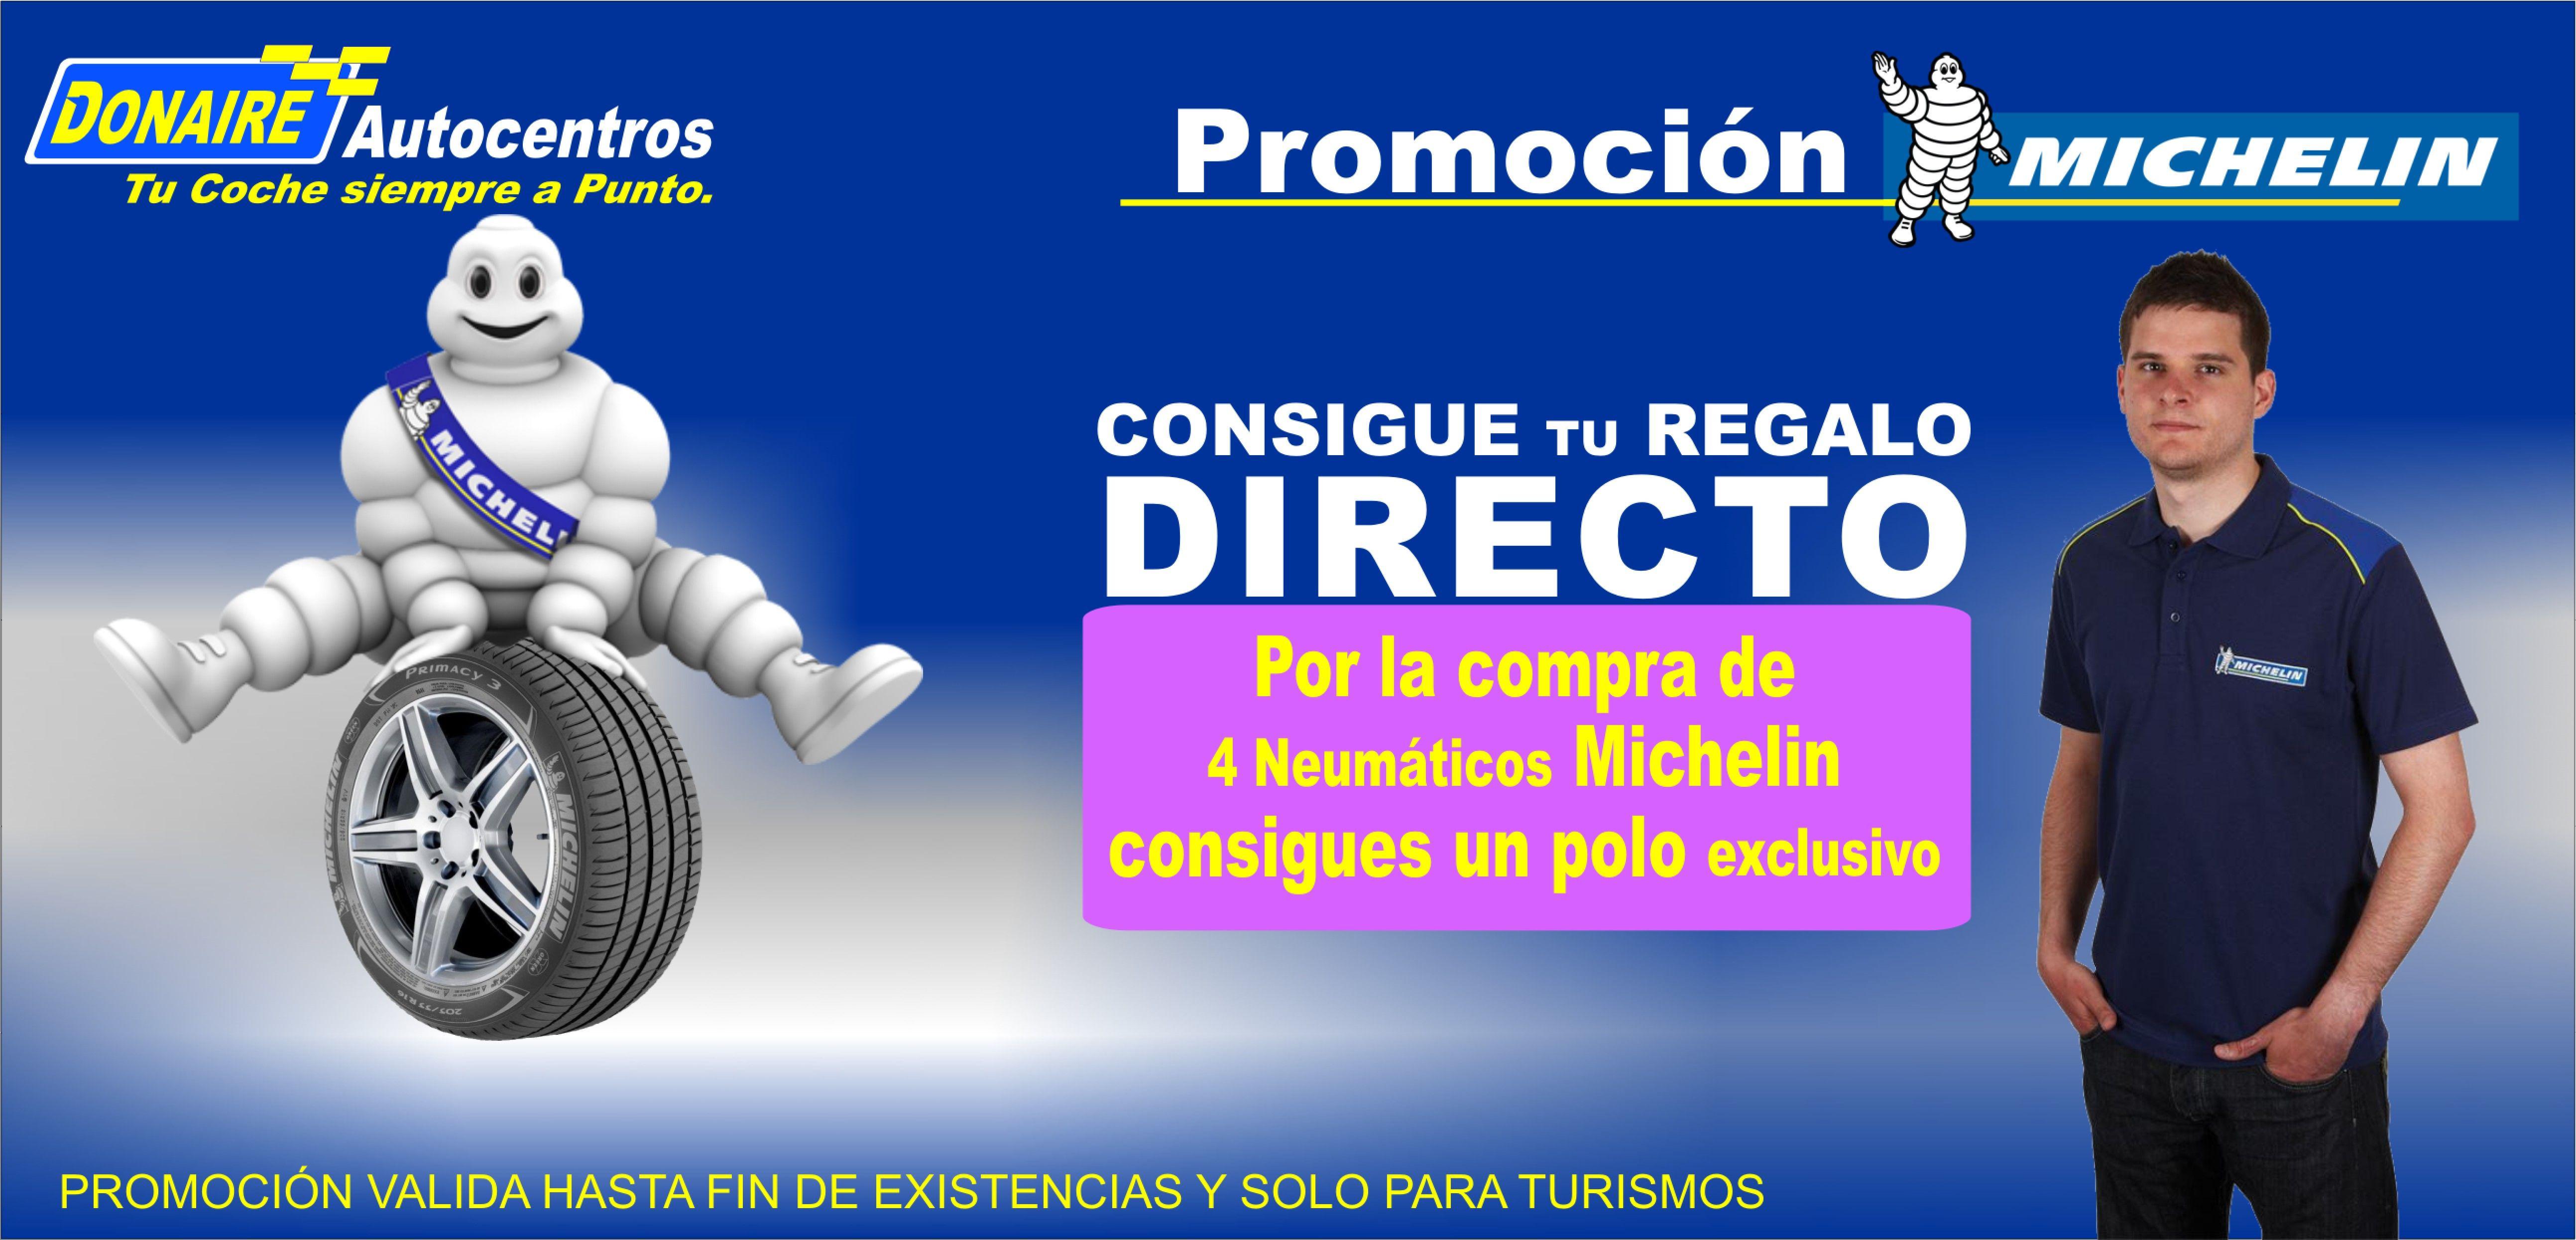 Promocion Donaire Autocentros Y Michelin Neumaticos Compras